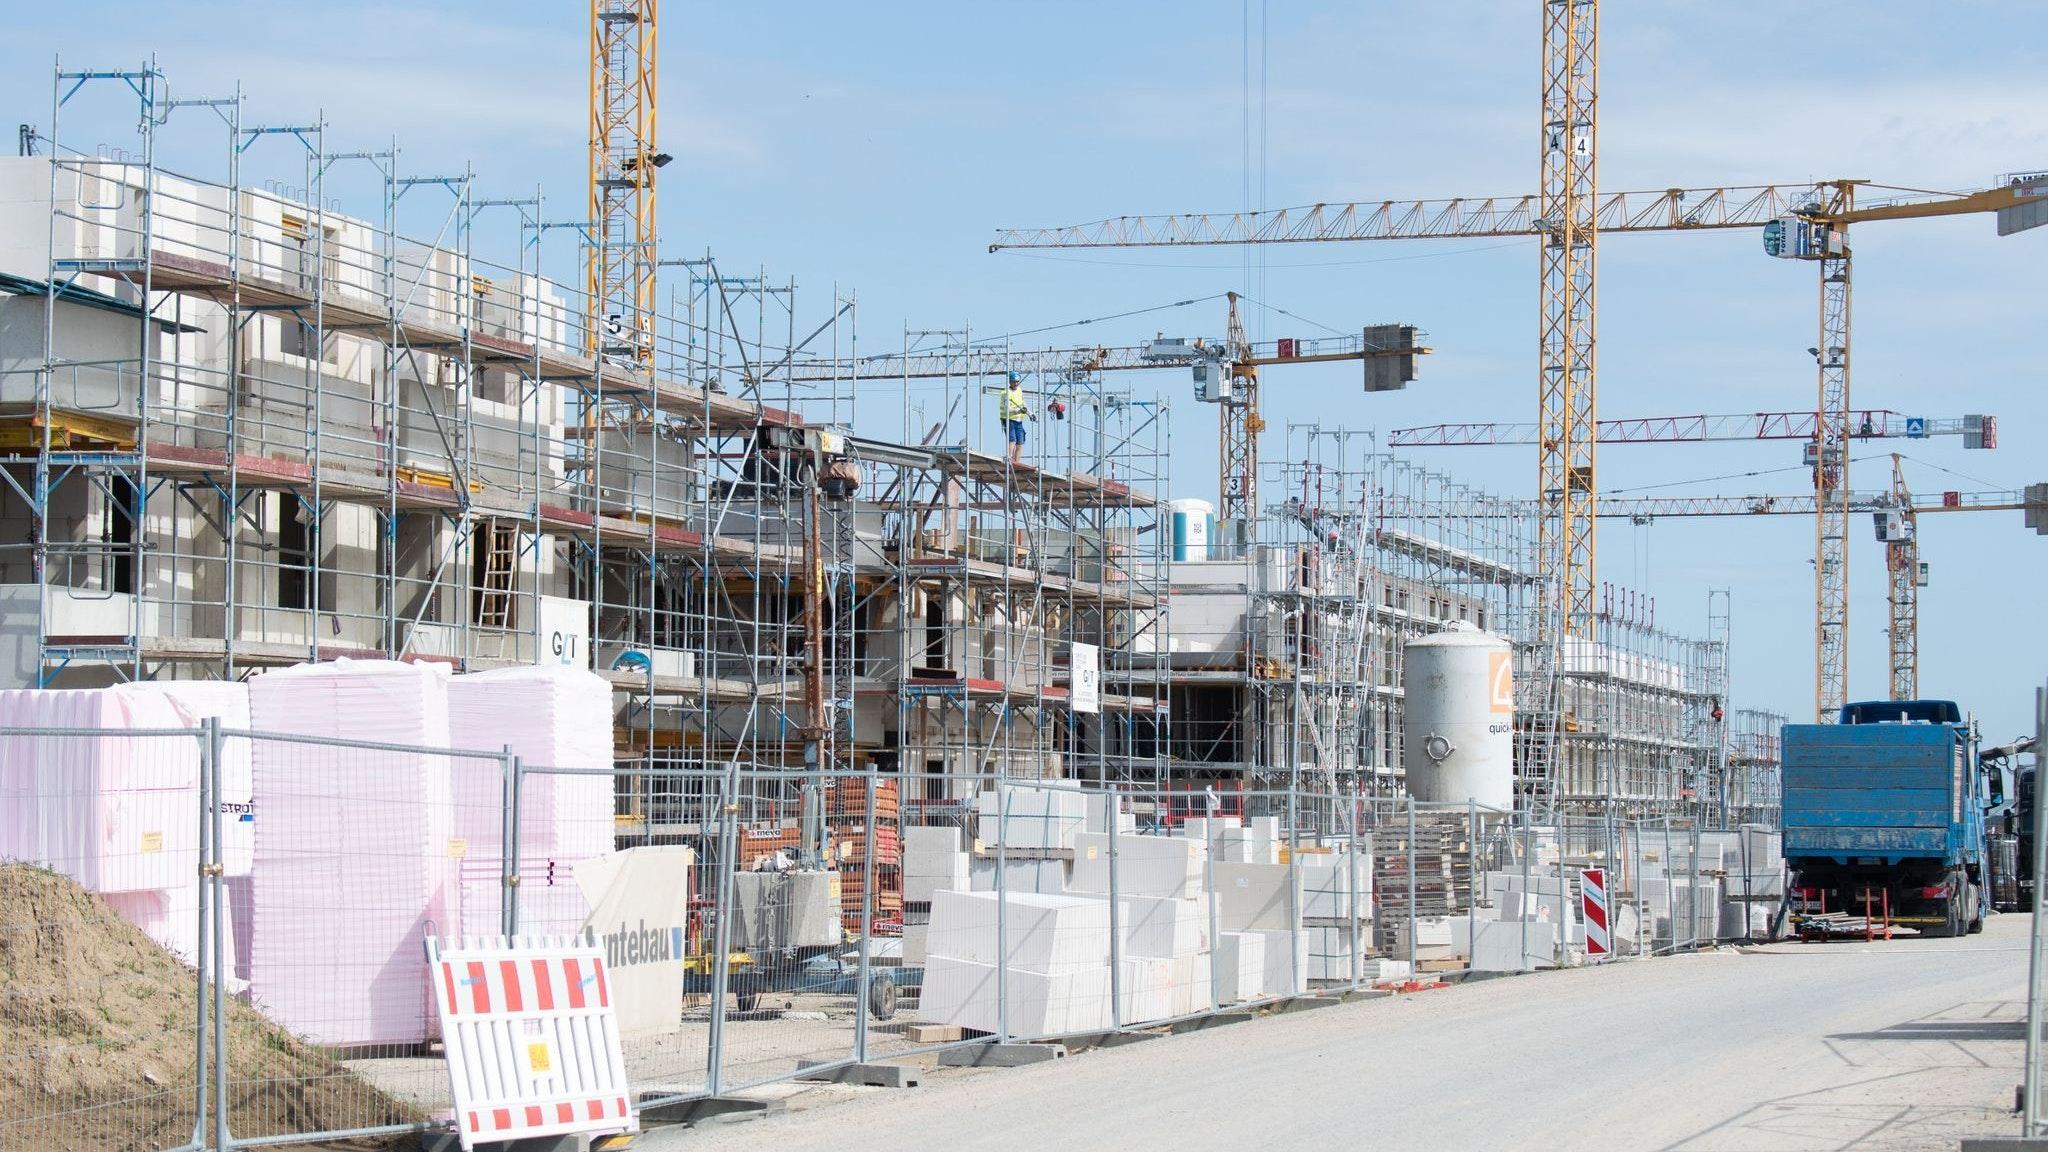 Knappe Rohstoffe: Viele Neubauten in Niedersachsen verzögern sich wegen Materialknappheit. Foto: dpa/Stratenschulte